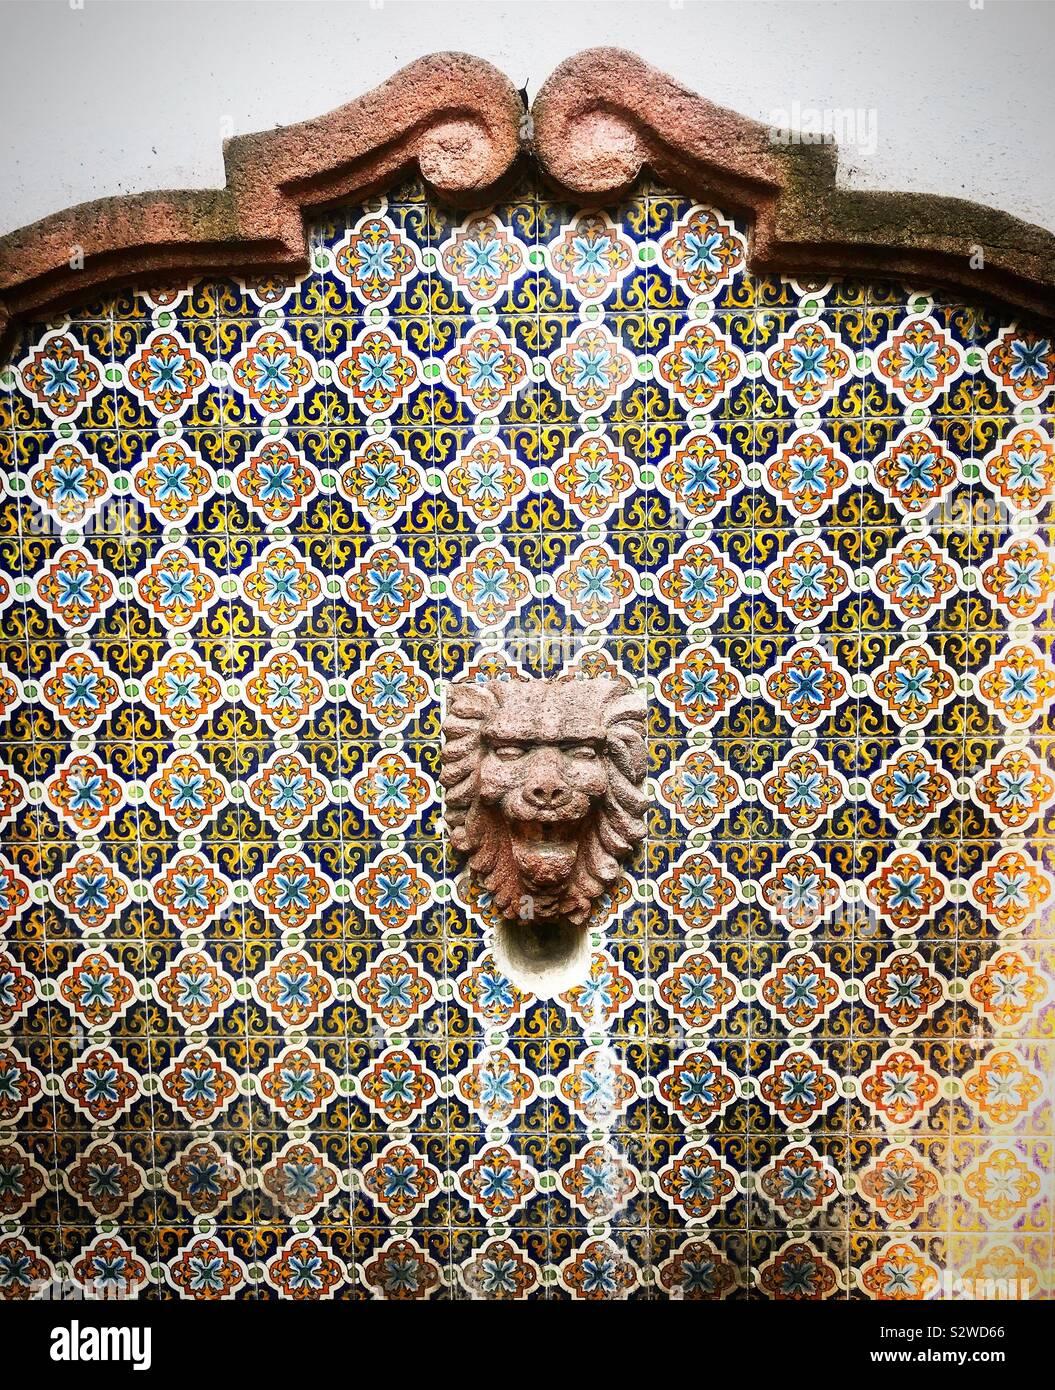 Una fontana decorata con figure geometriche di piastrelle di ceramica e di un leone in Coyoacan, Messico Foto Stock